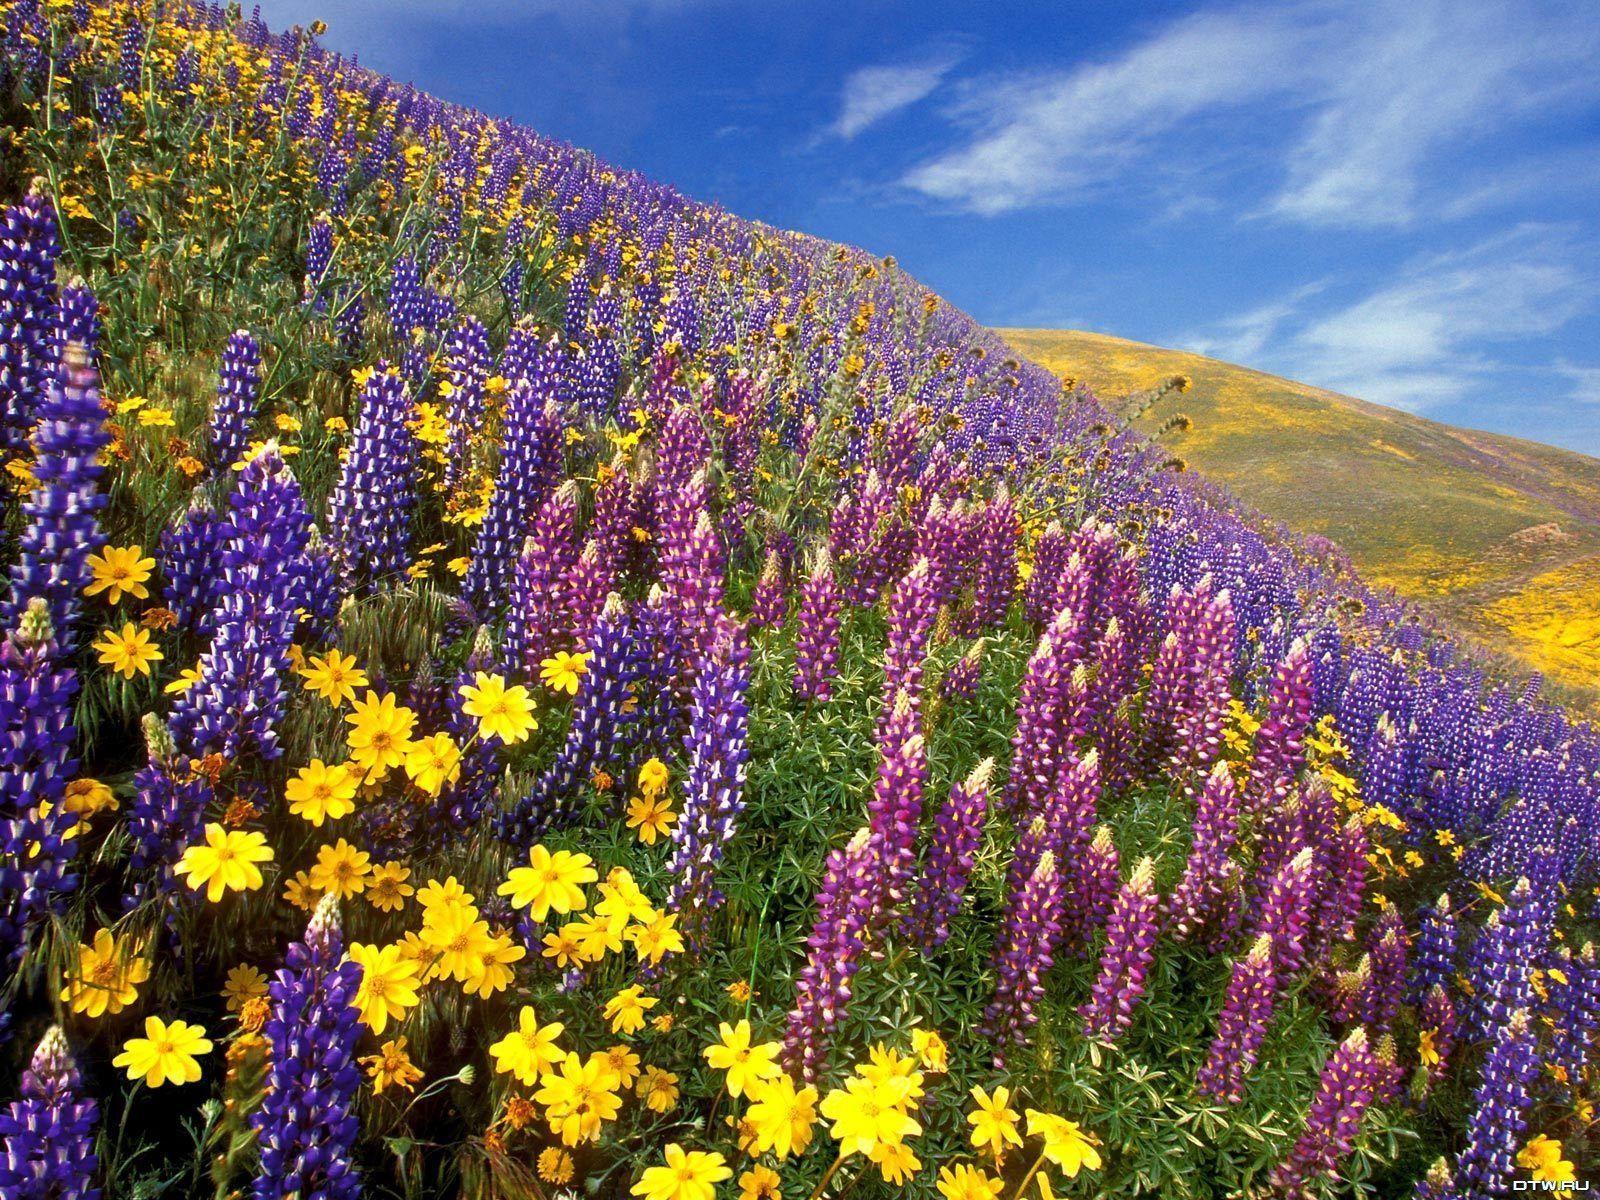 Fond ecran nature paysages fleurs chs 023 1024x768 dans fleurs